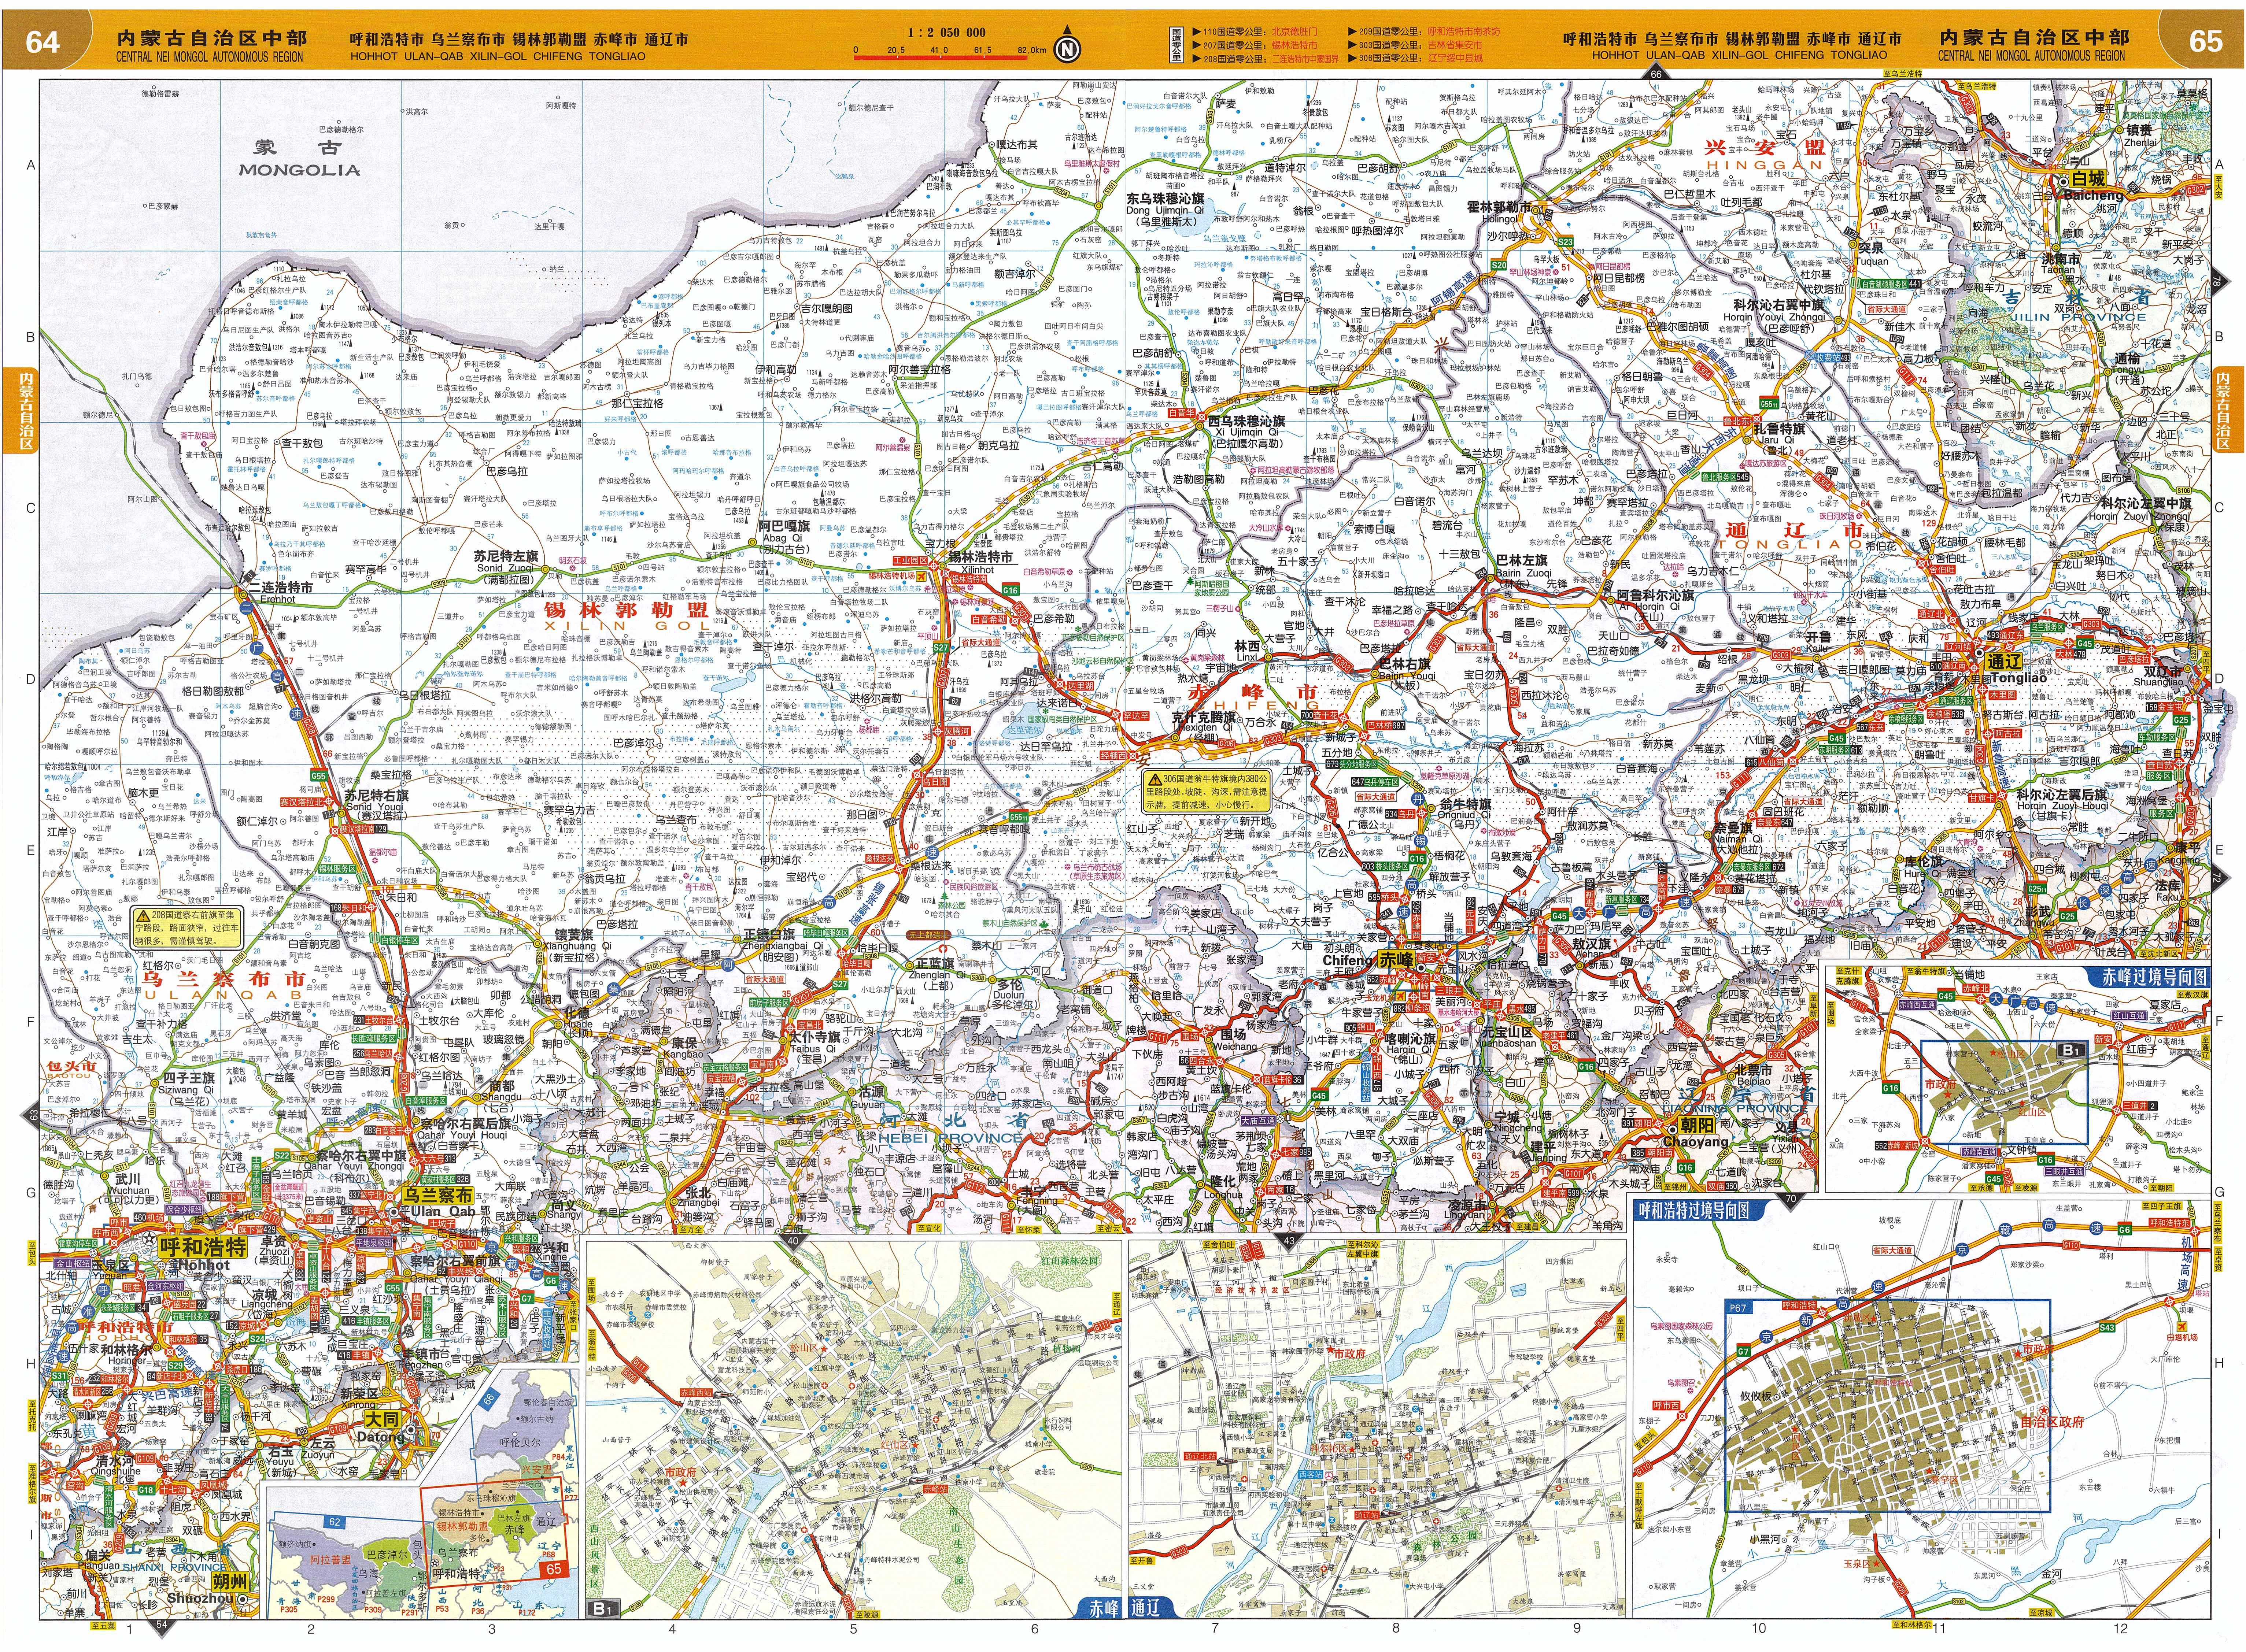 内蒙古中部交通地图全图高清版